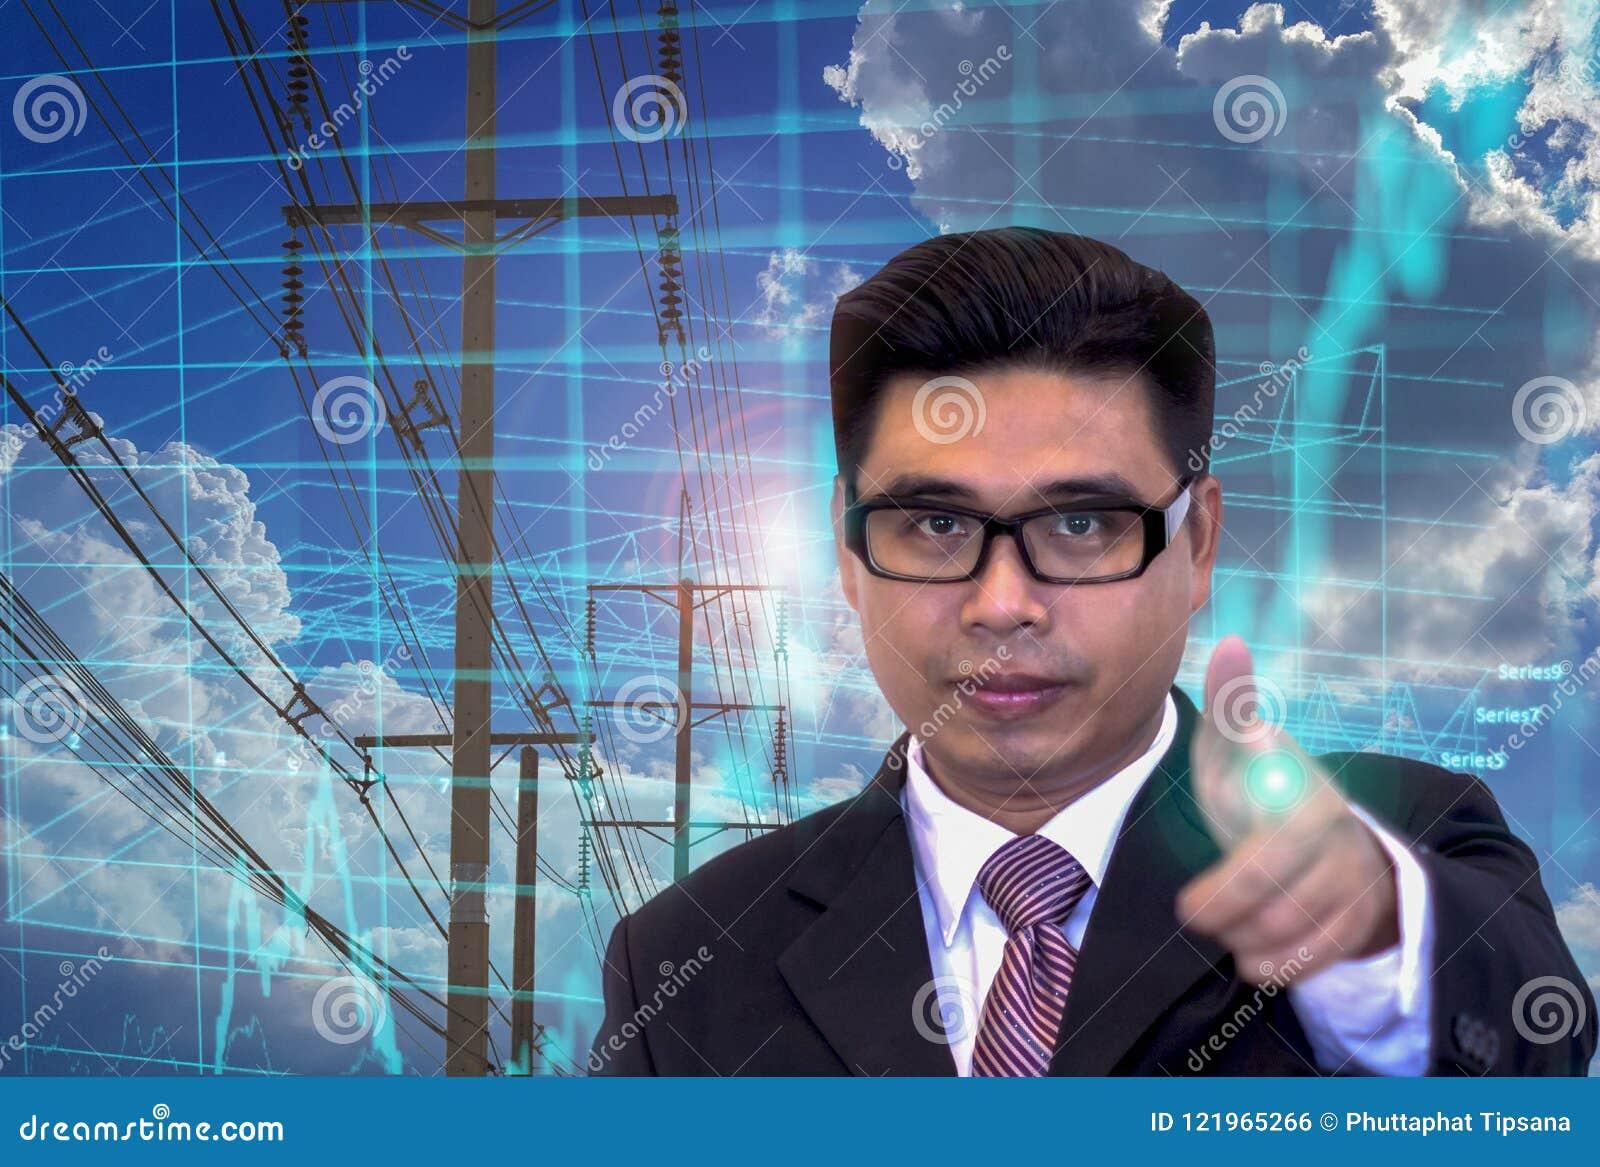 Młodzi Azjatyccy biznesmeni, wskazuje palce, zapas mapy inwestorska mapa, zasilanie elektryczne sieć, błękit łuna